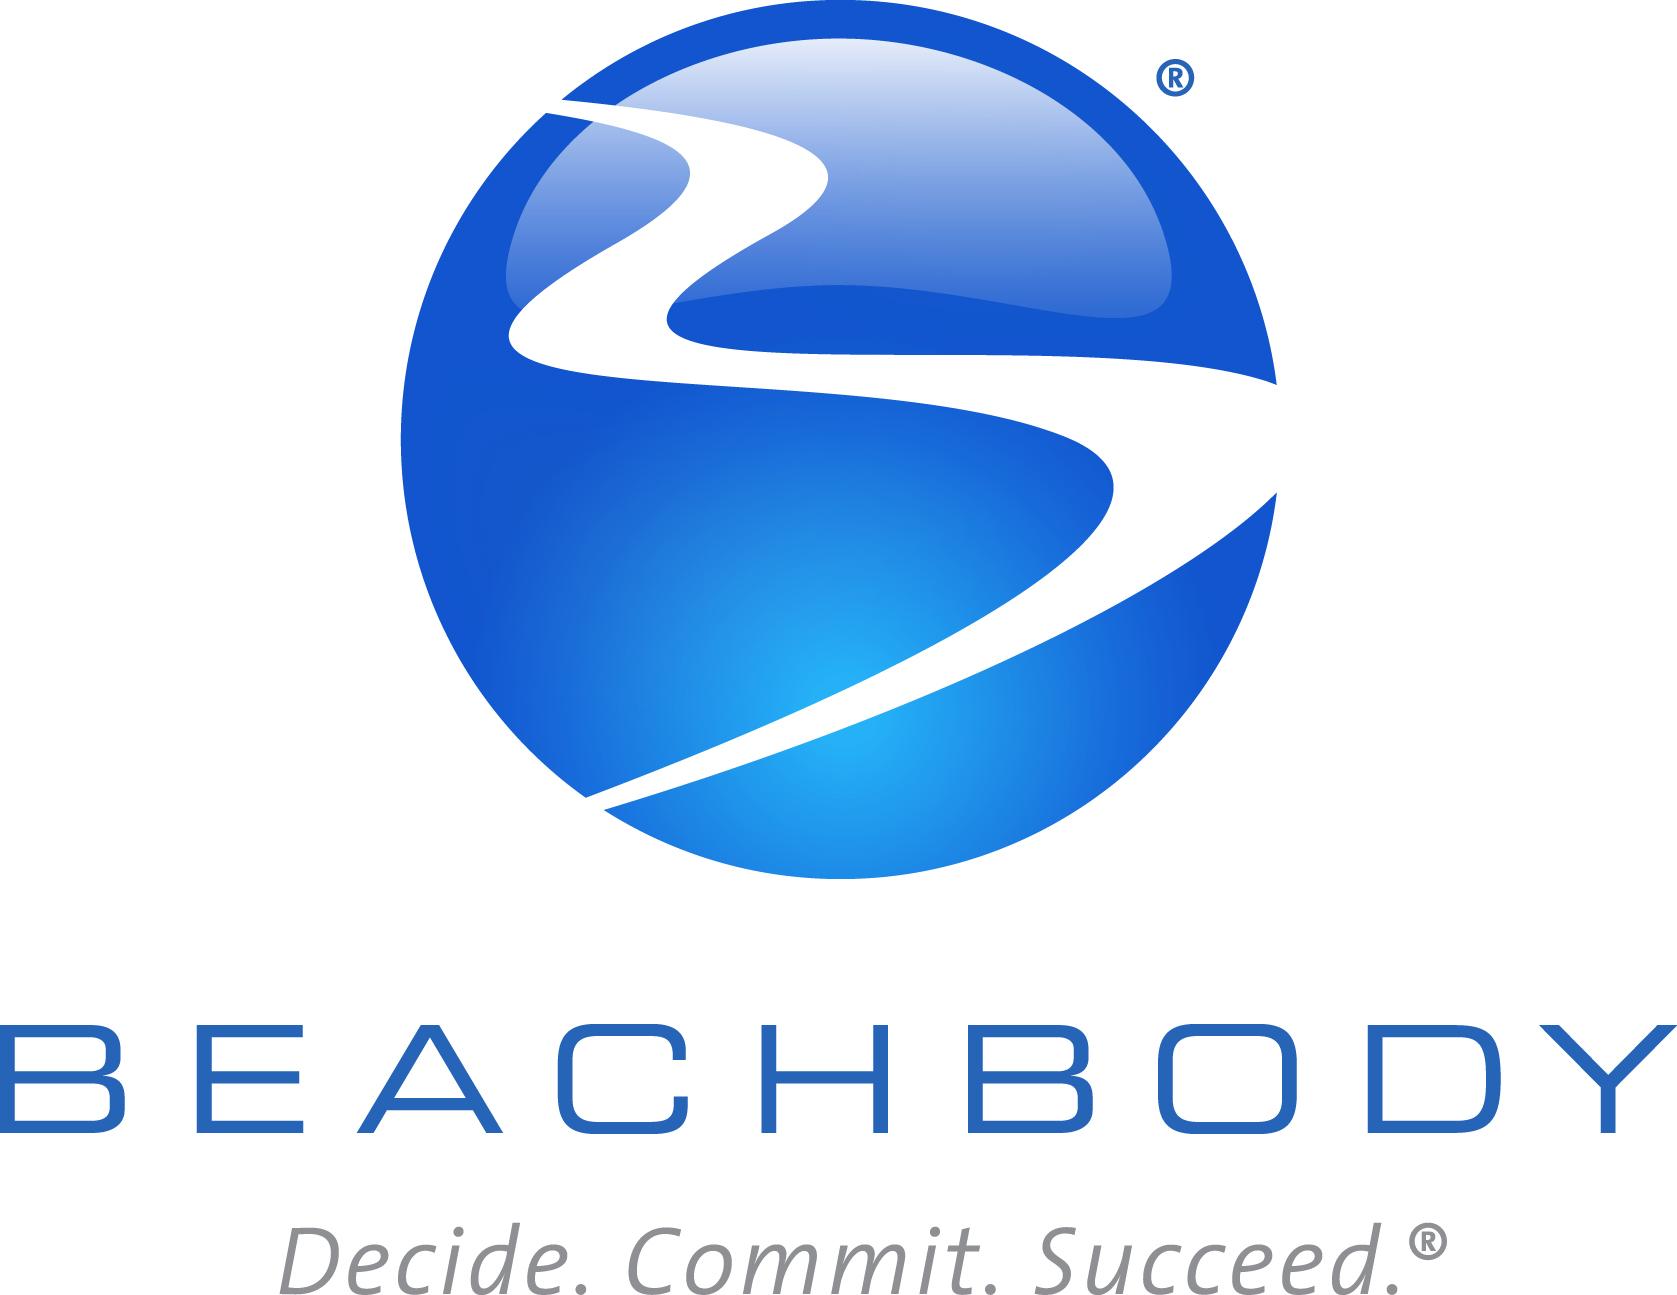 Beachbody Logos 1677x1295